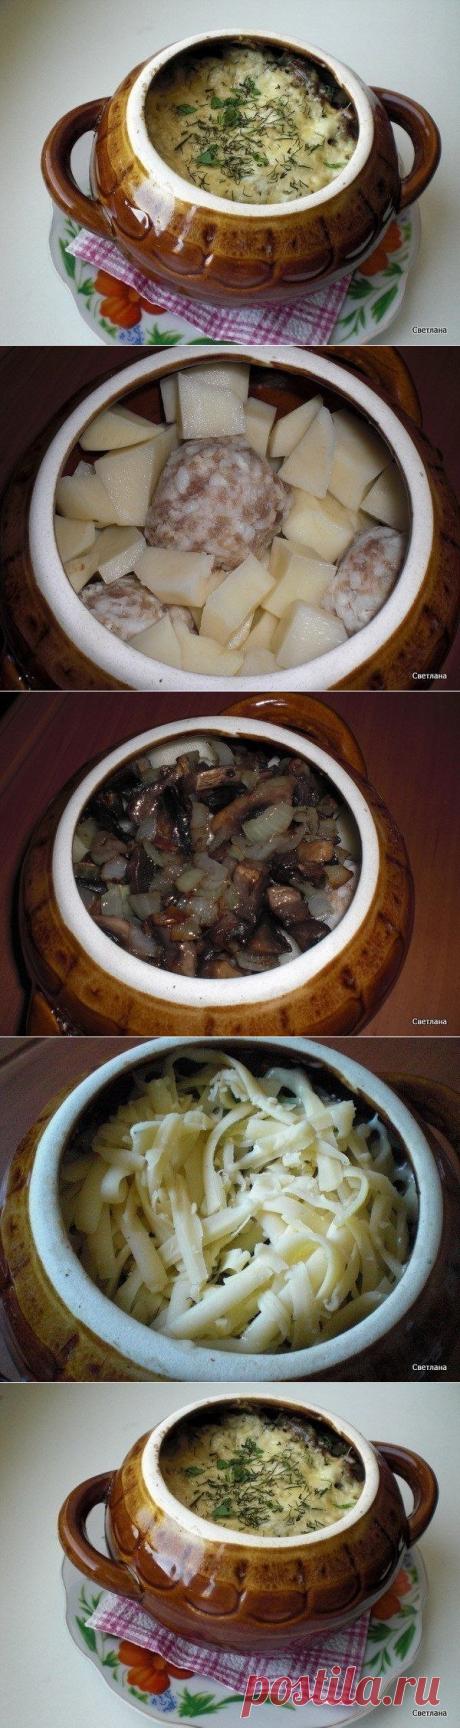 Как приготовить фрикадельки с картошкой и грибами под сыром  - рецепт, ингридиенты и фотографии